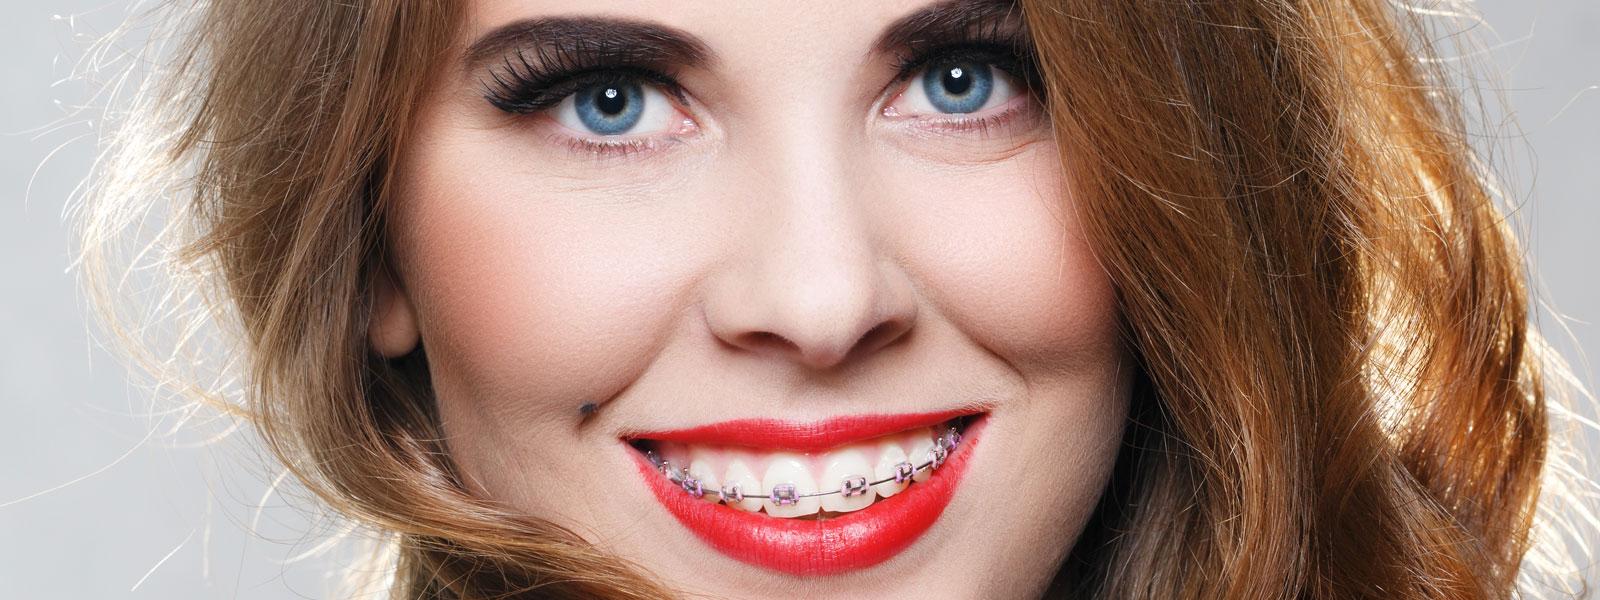 Nowoczesna ortodoncja